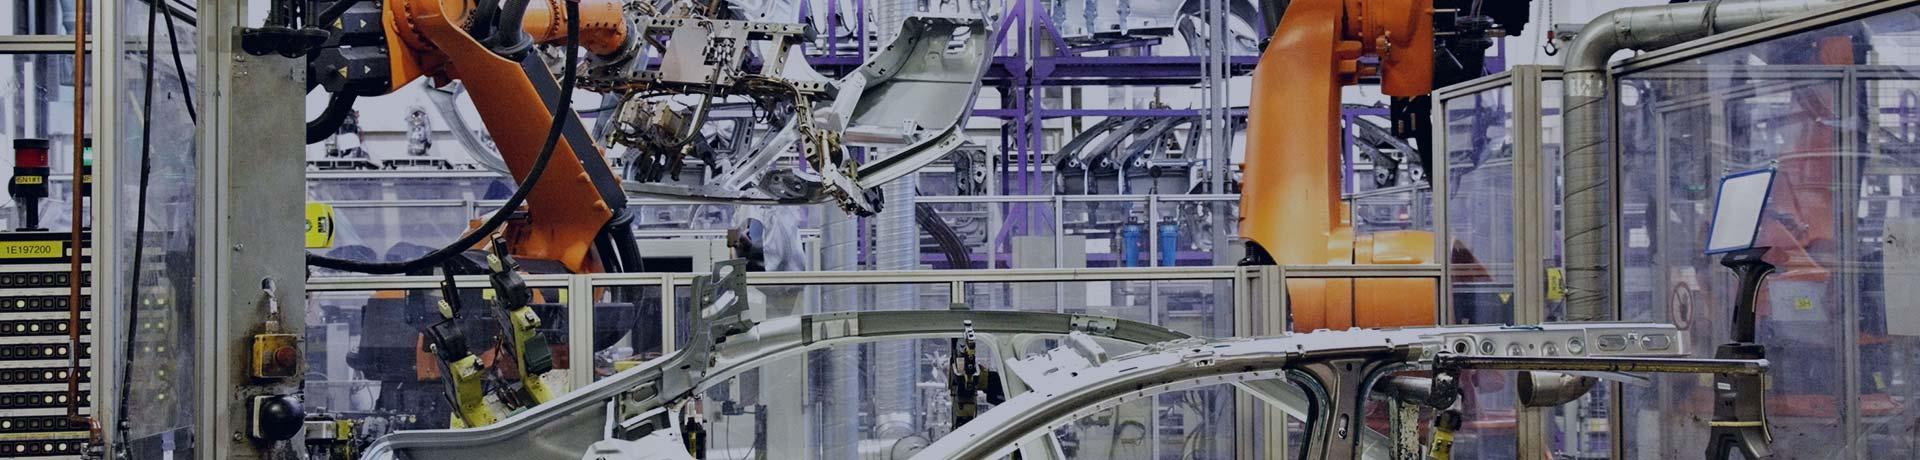 Chaîne industrielle automobile